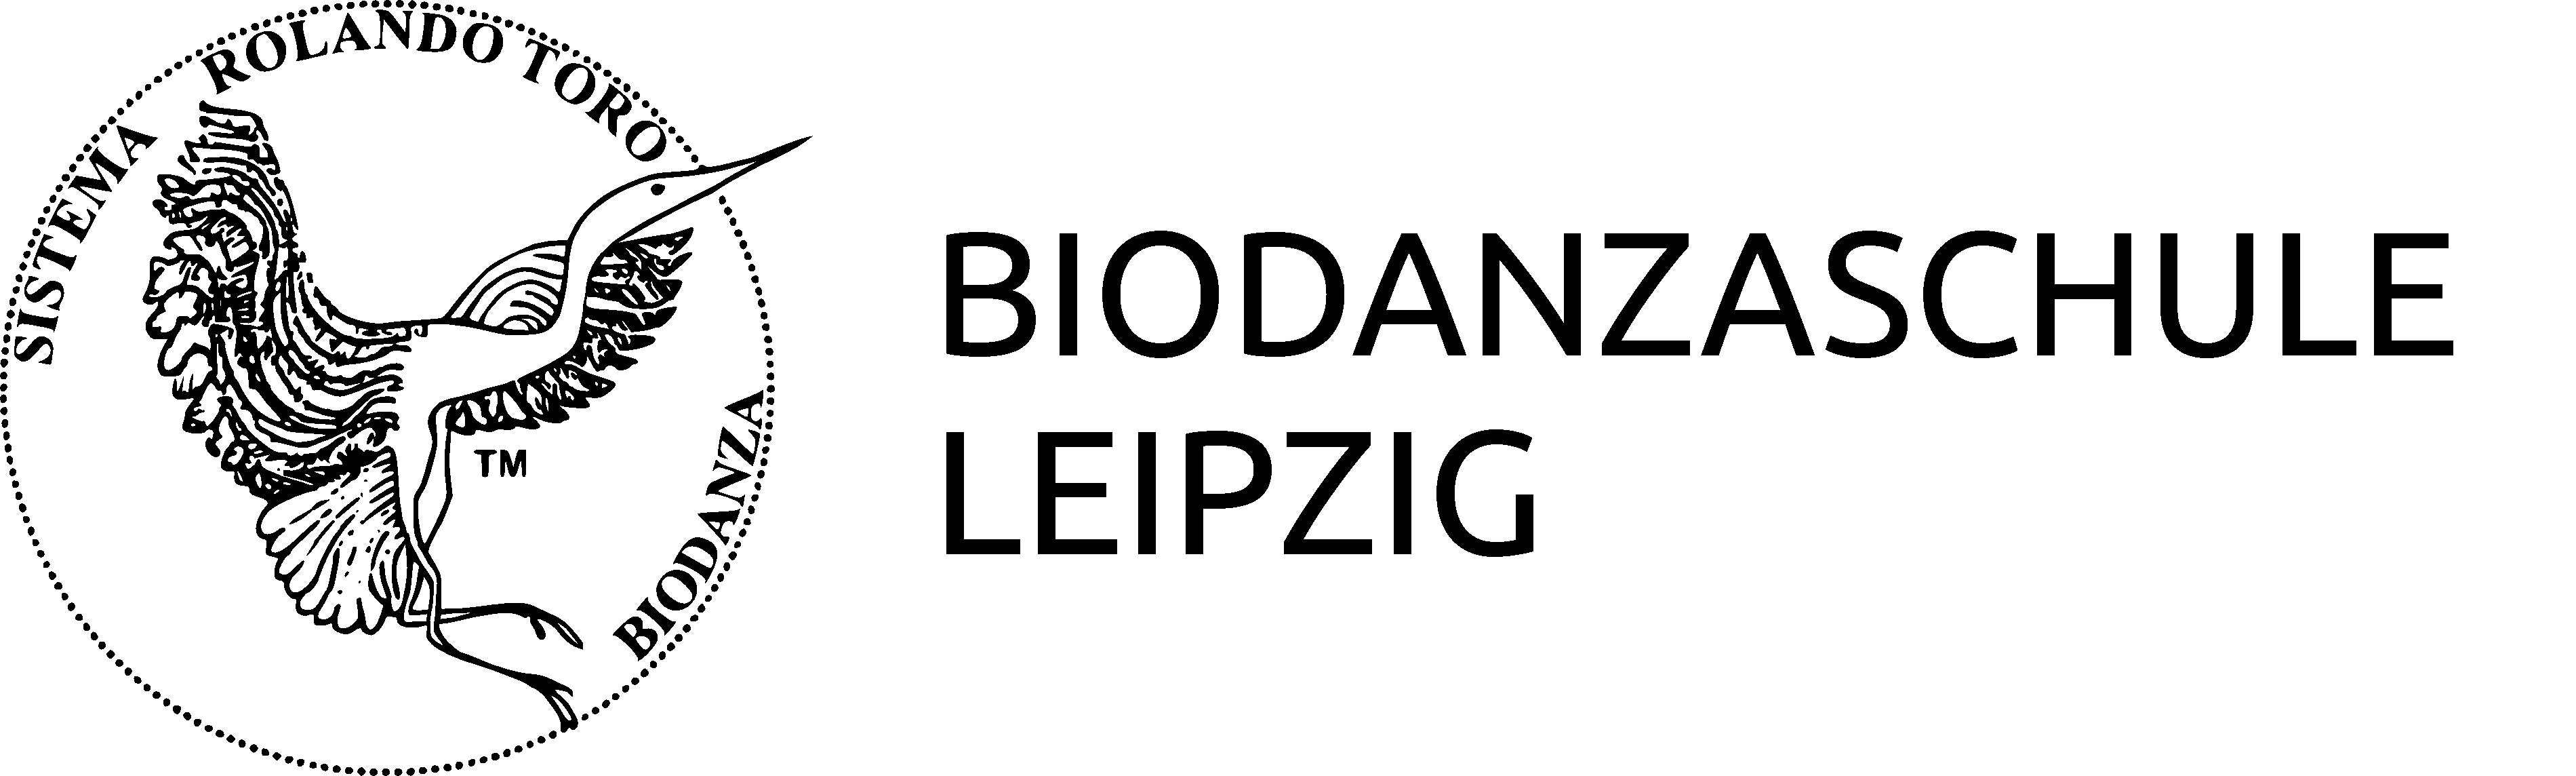 Biodanza-Schule Leipzig